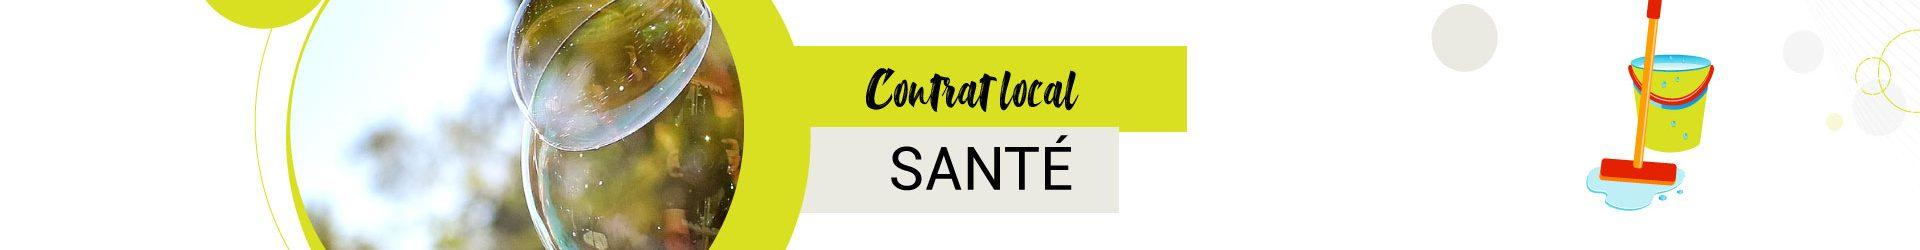 Contrat local santé